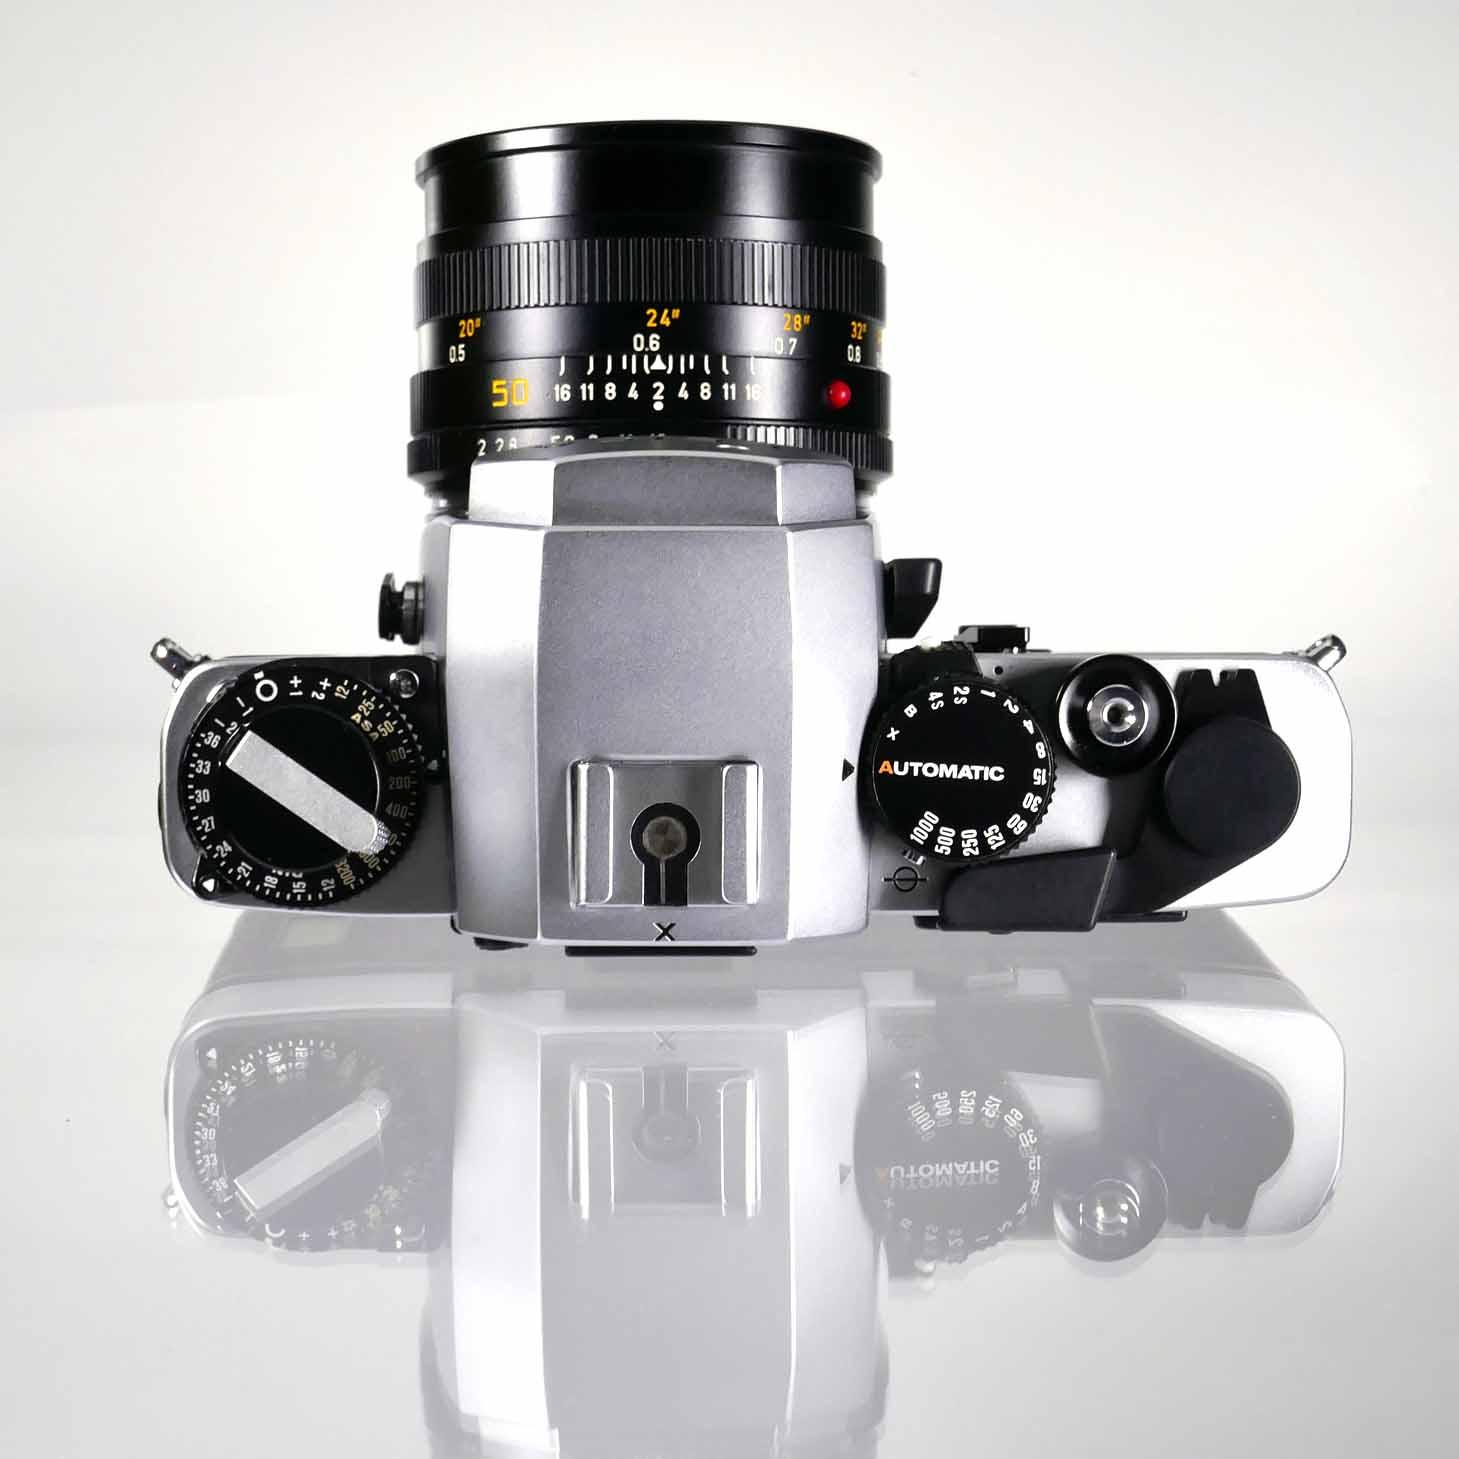 clean-cameras-Leica-R3-Summicron-50mm-06